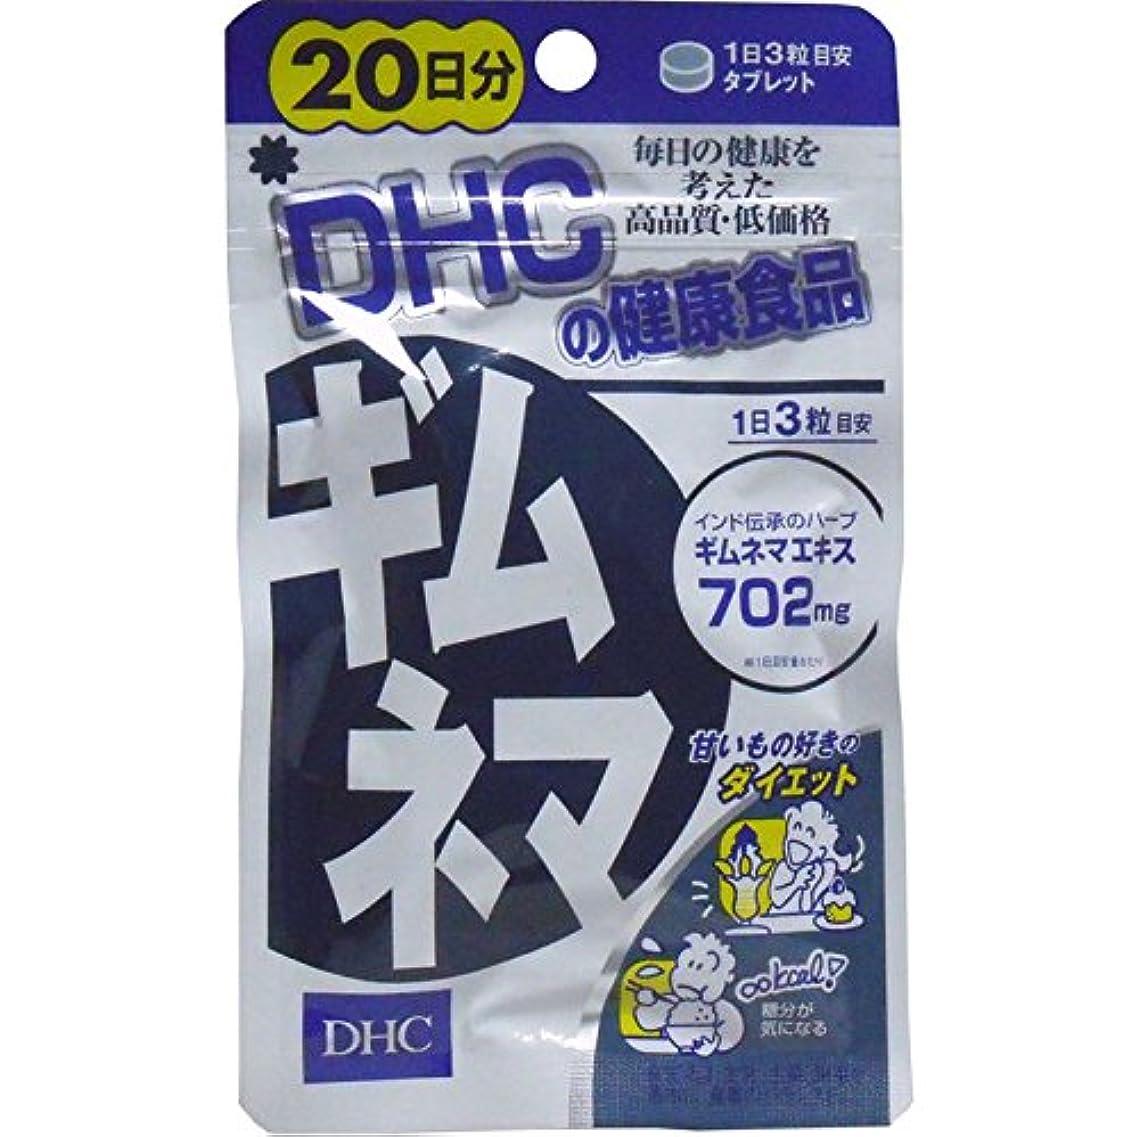 ノイズフォーマル追加糖分や炭水化物を多く摂る人に DHC ギムネマ 20日分 60粒